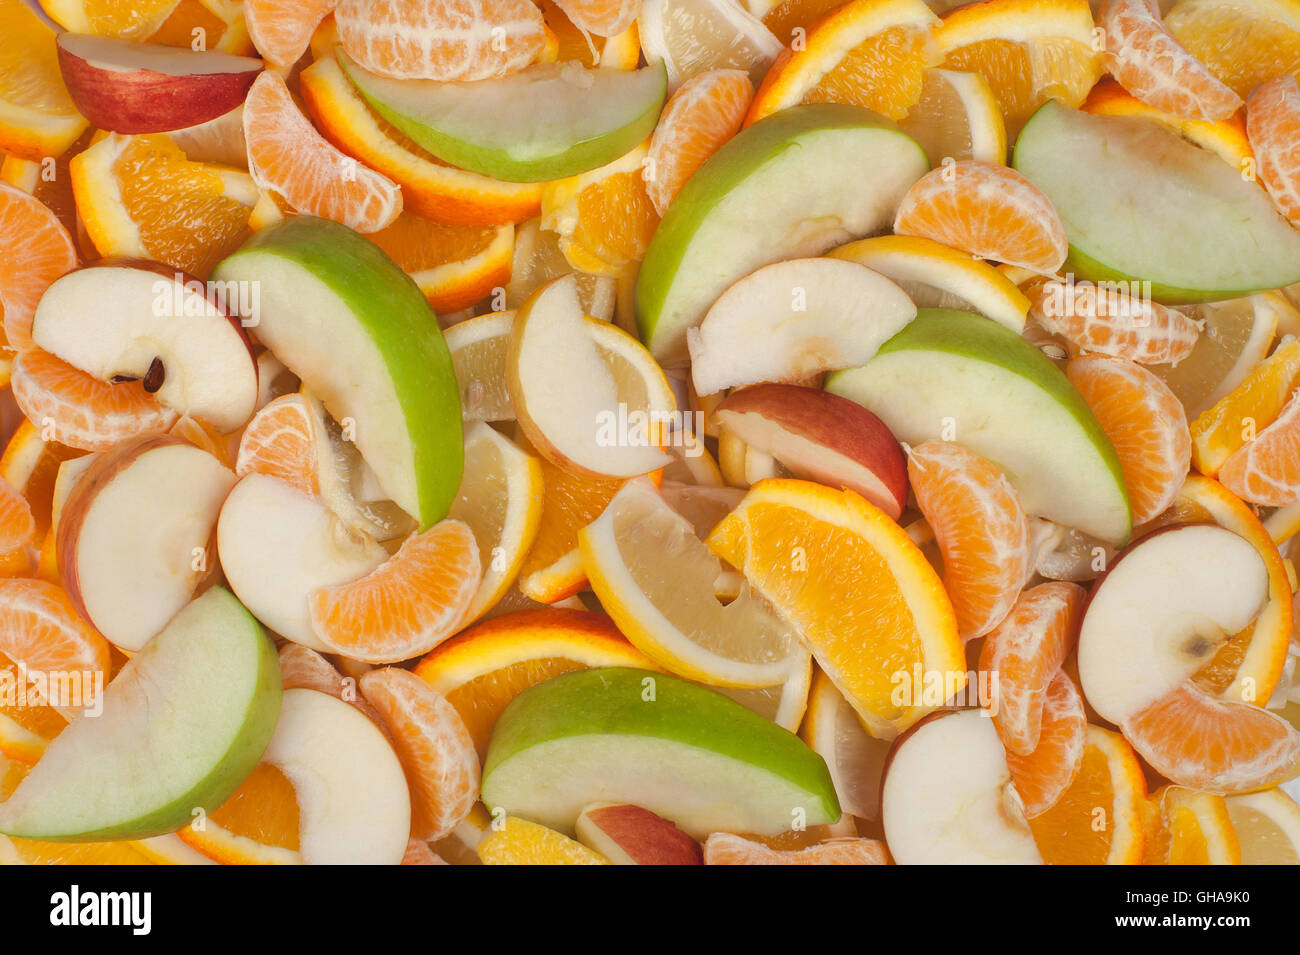 Gli sfondi di frutta - Limone arancio mandarino e Apple Immagini Stock